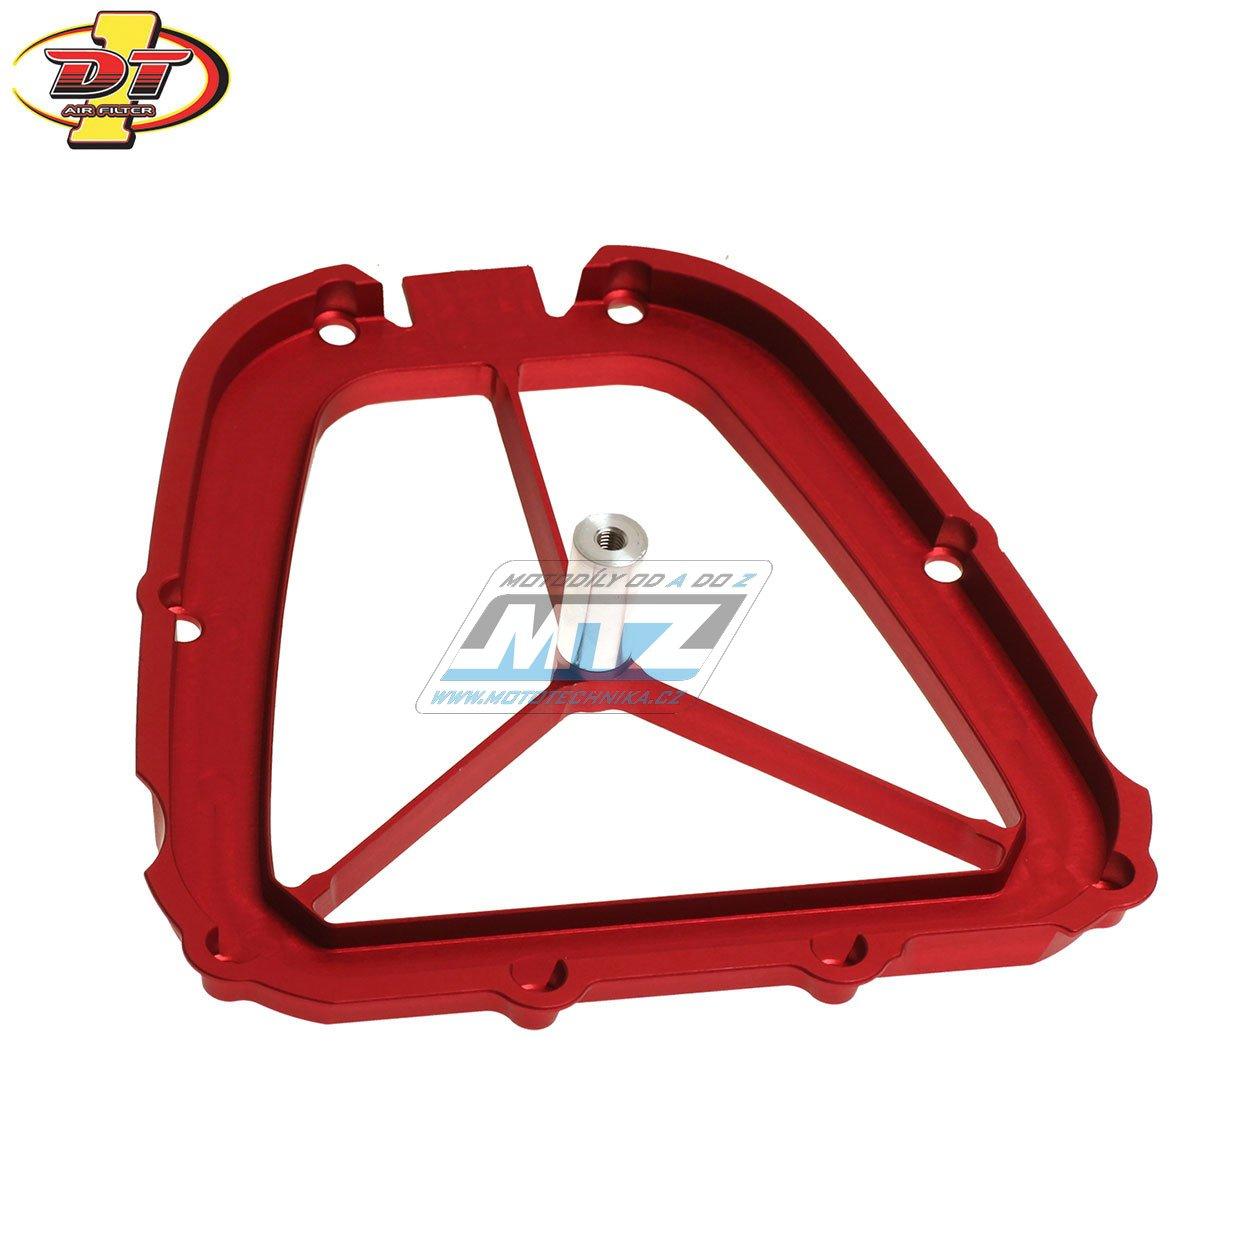 """Klec vzduchového filtru """"závodní provedení DT-1 Power Cage"""" Yamaha YZF250 / 14 + YZF450 / 14 + WRF250 / 15 + WRF450 / 15"""